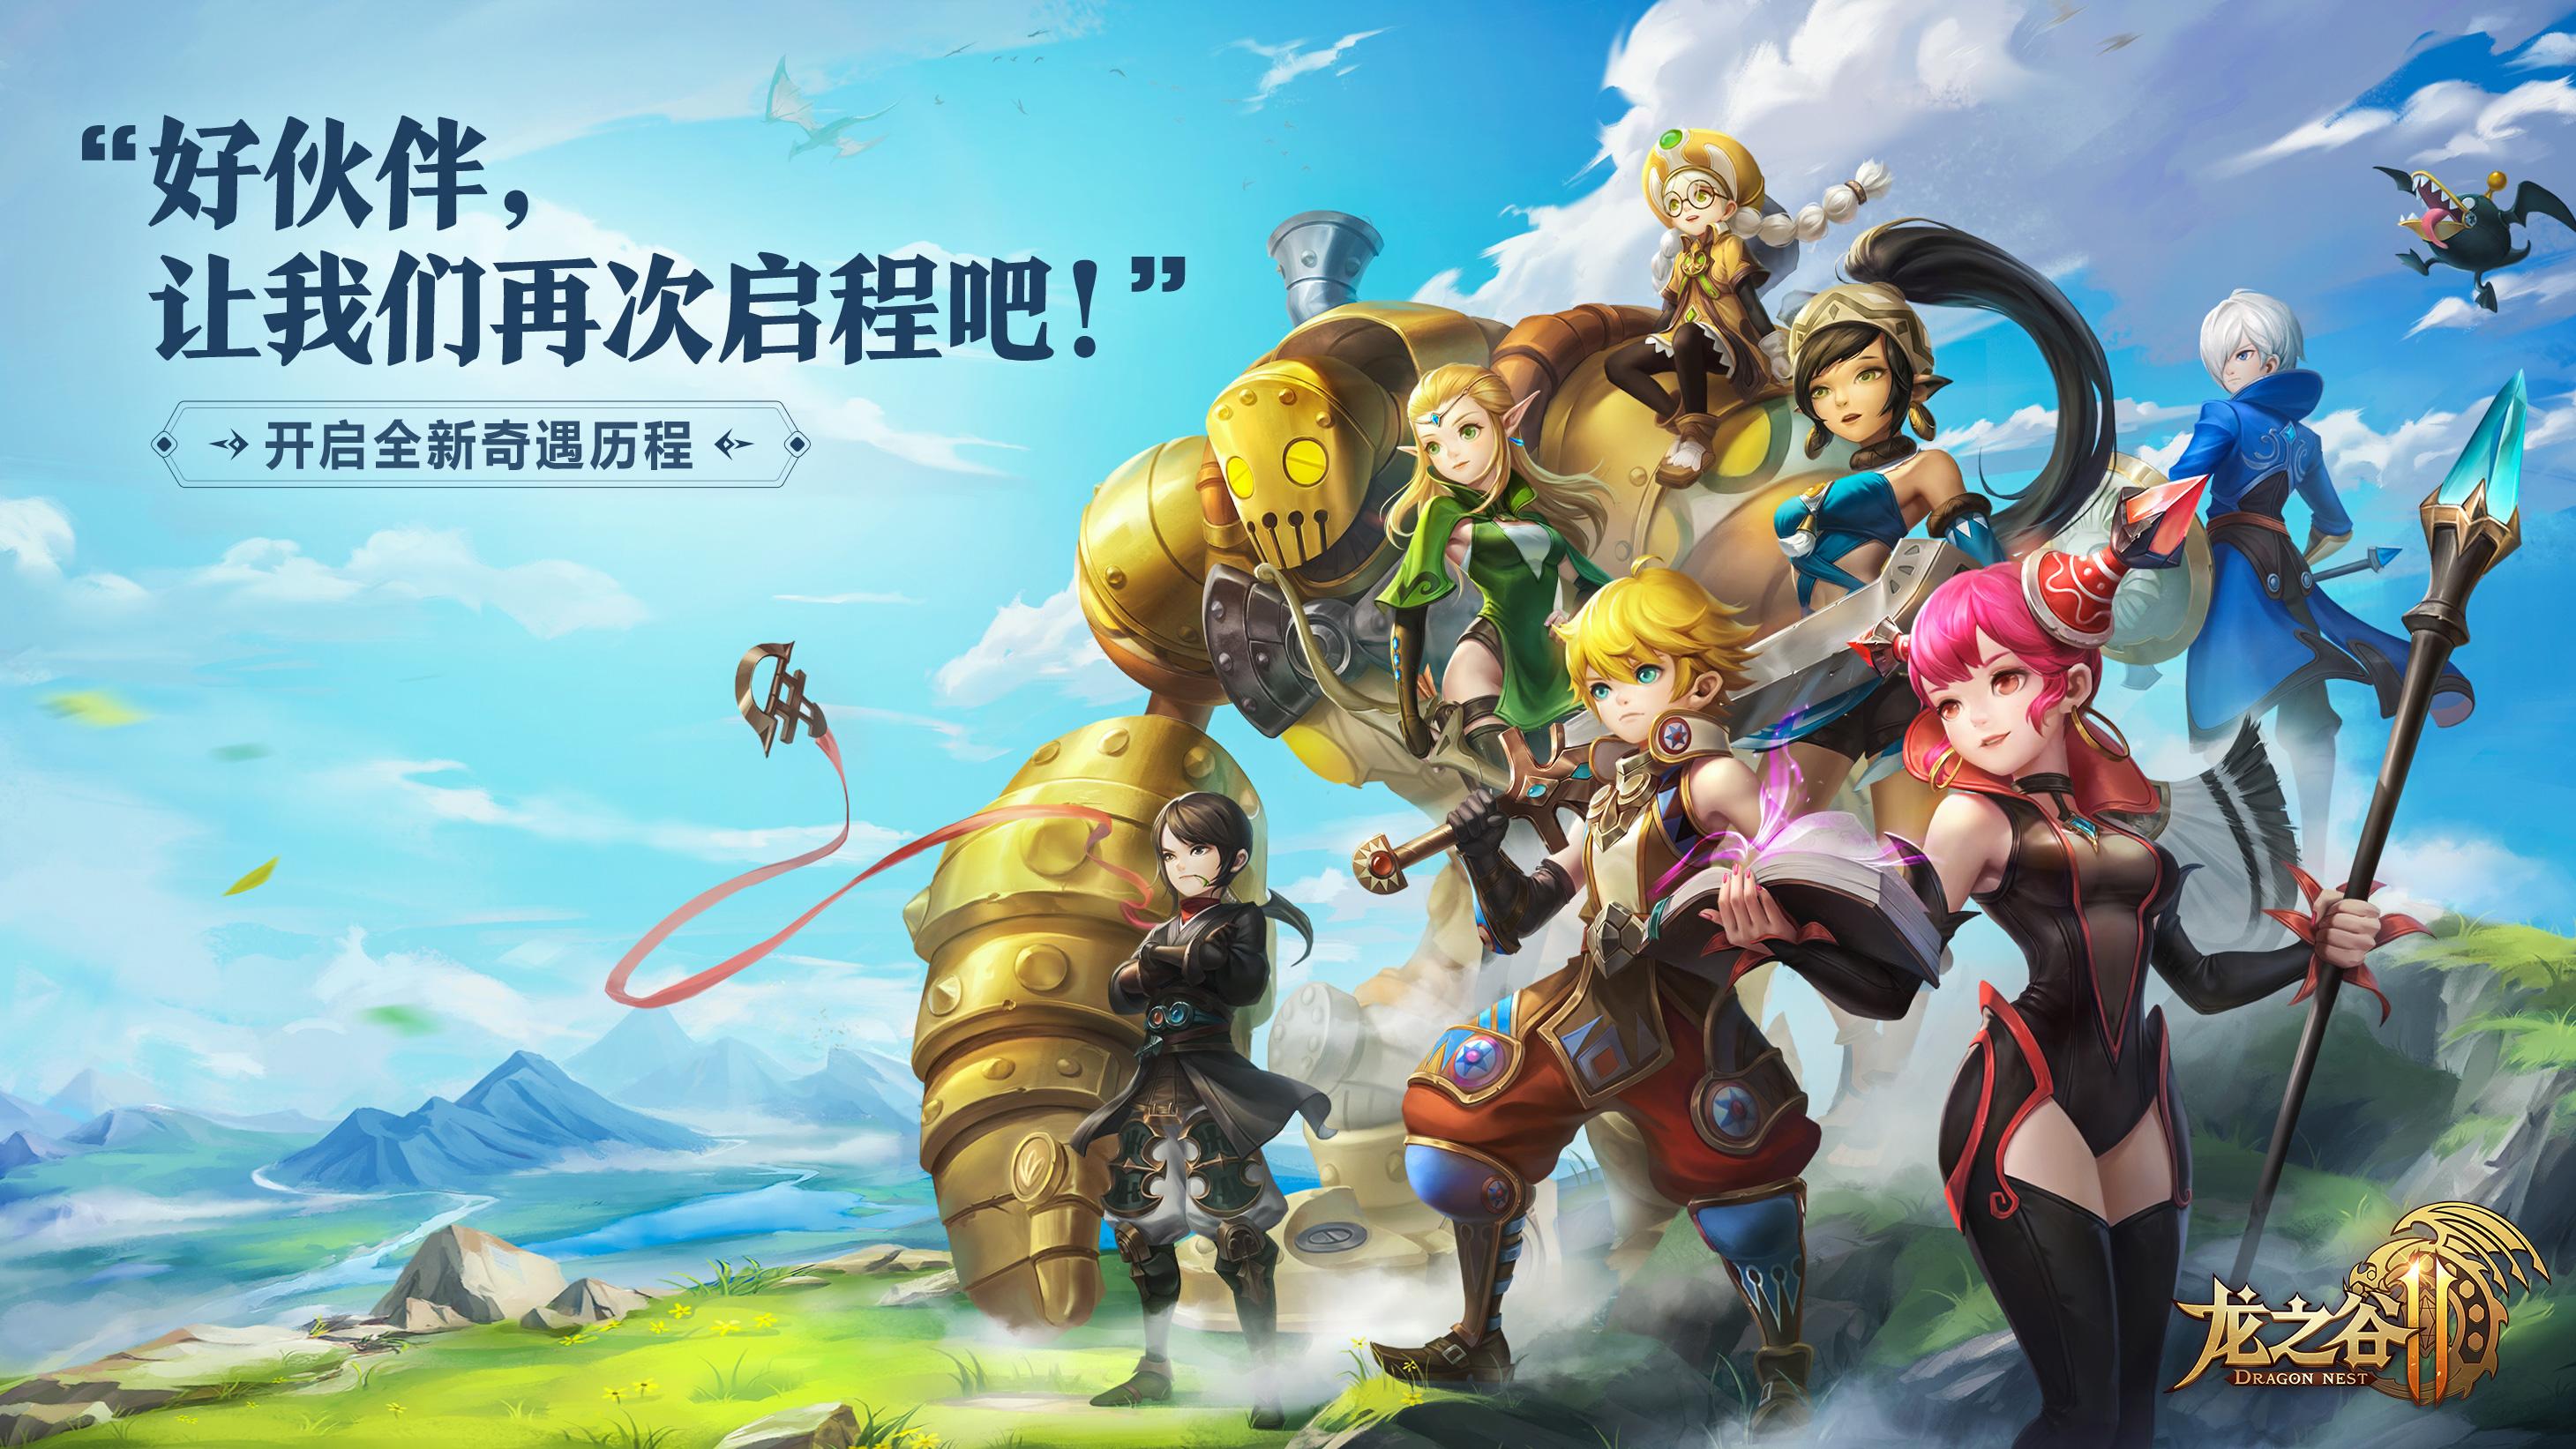 《龙之谷2手游》平民玩家职业角色推荐